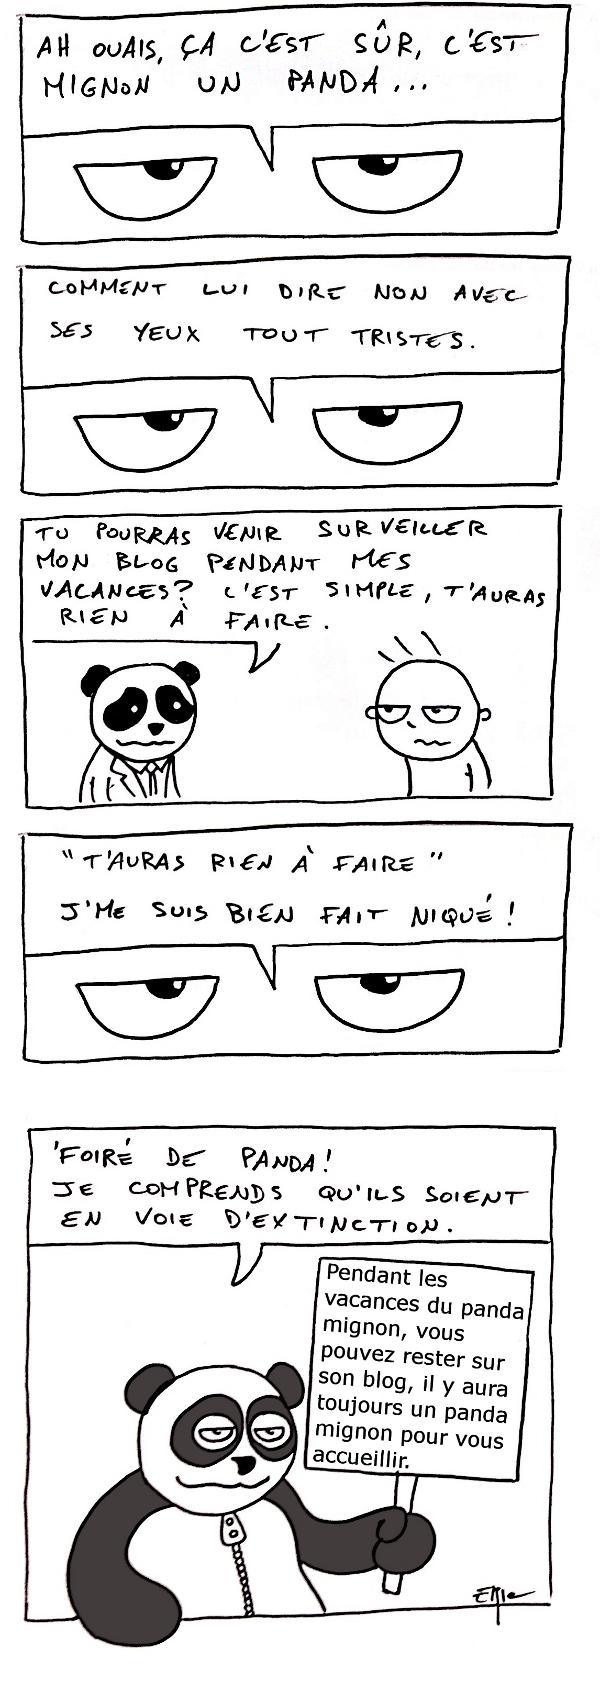 remplacer_panda_en_vacances_ma_vie_au_boulot